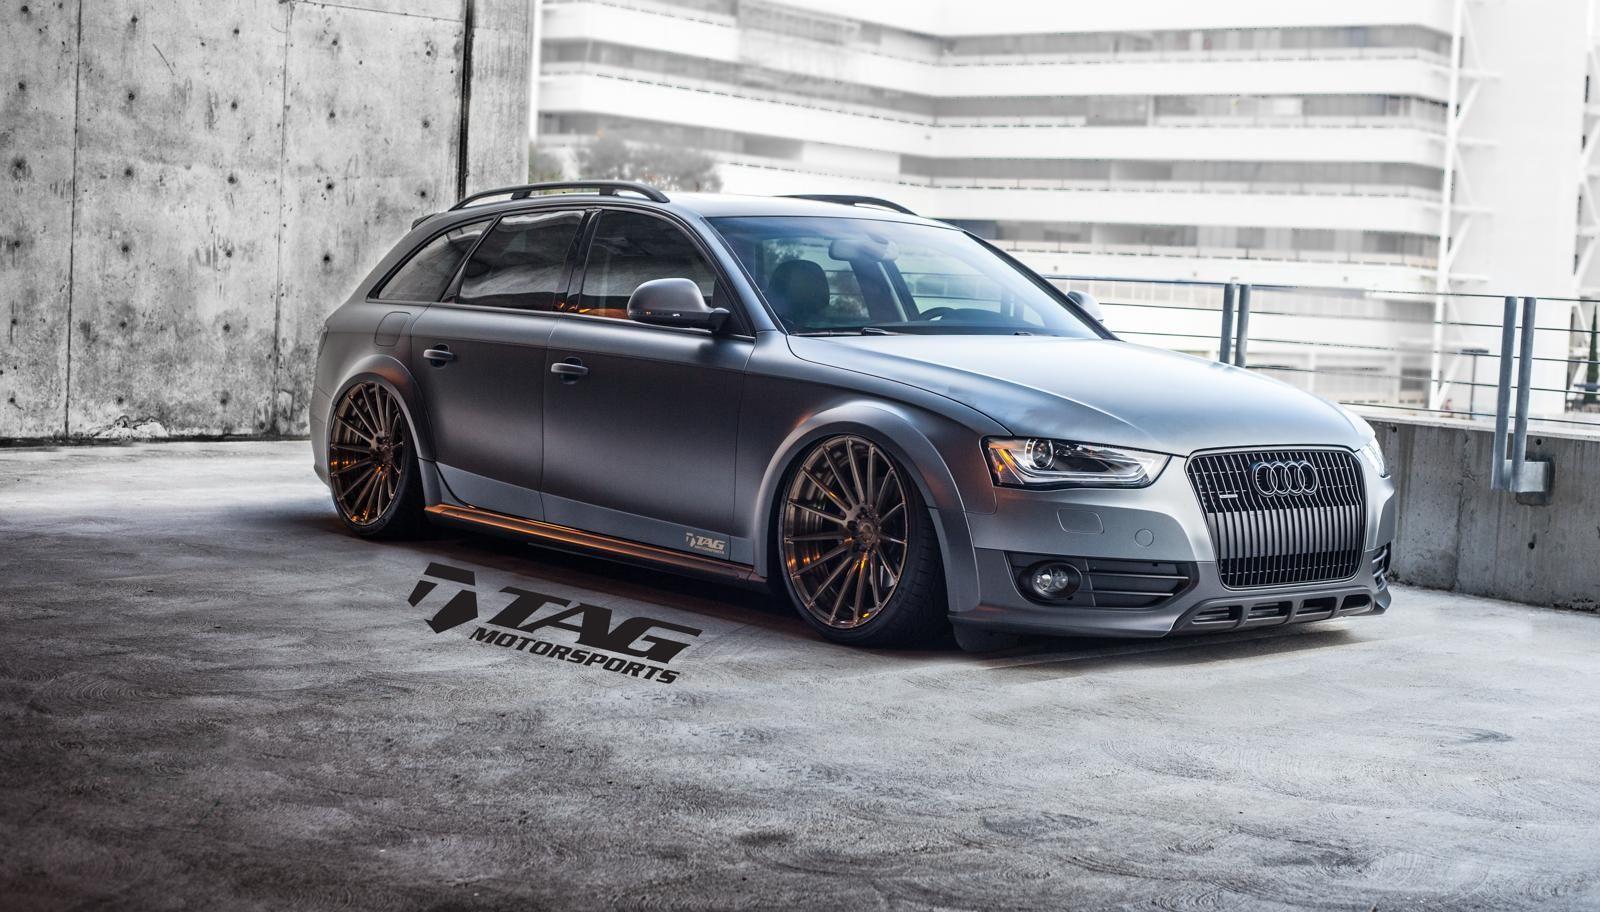 Adv 1 Audi Allroad By Tag Motorsports Audi Allroad Audi A4 Custom Wheels